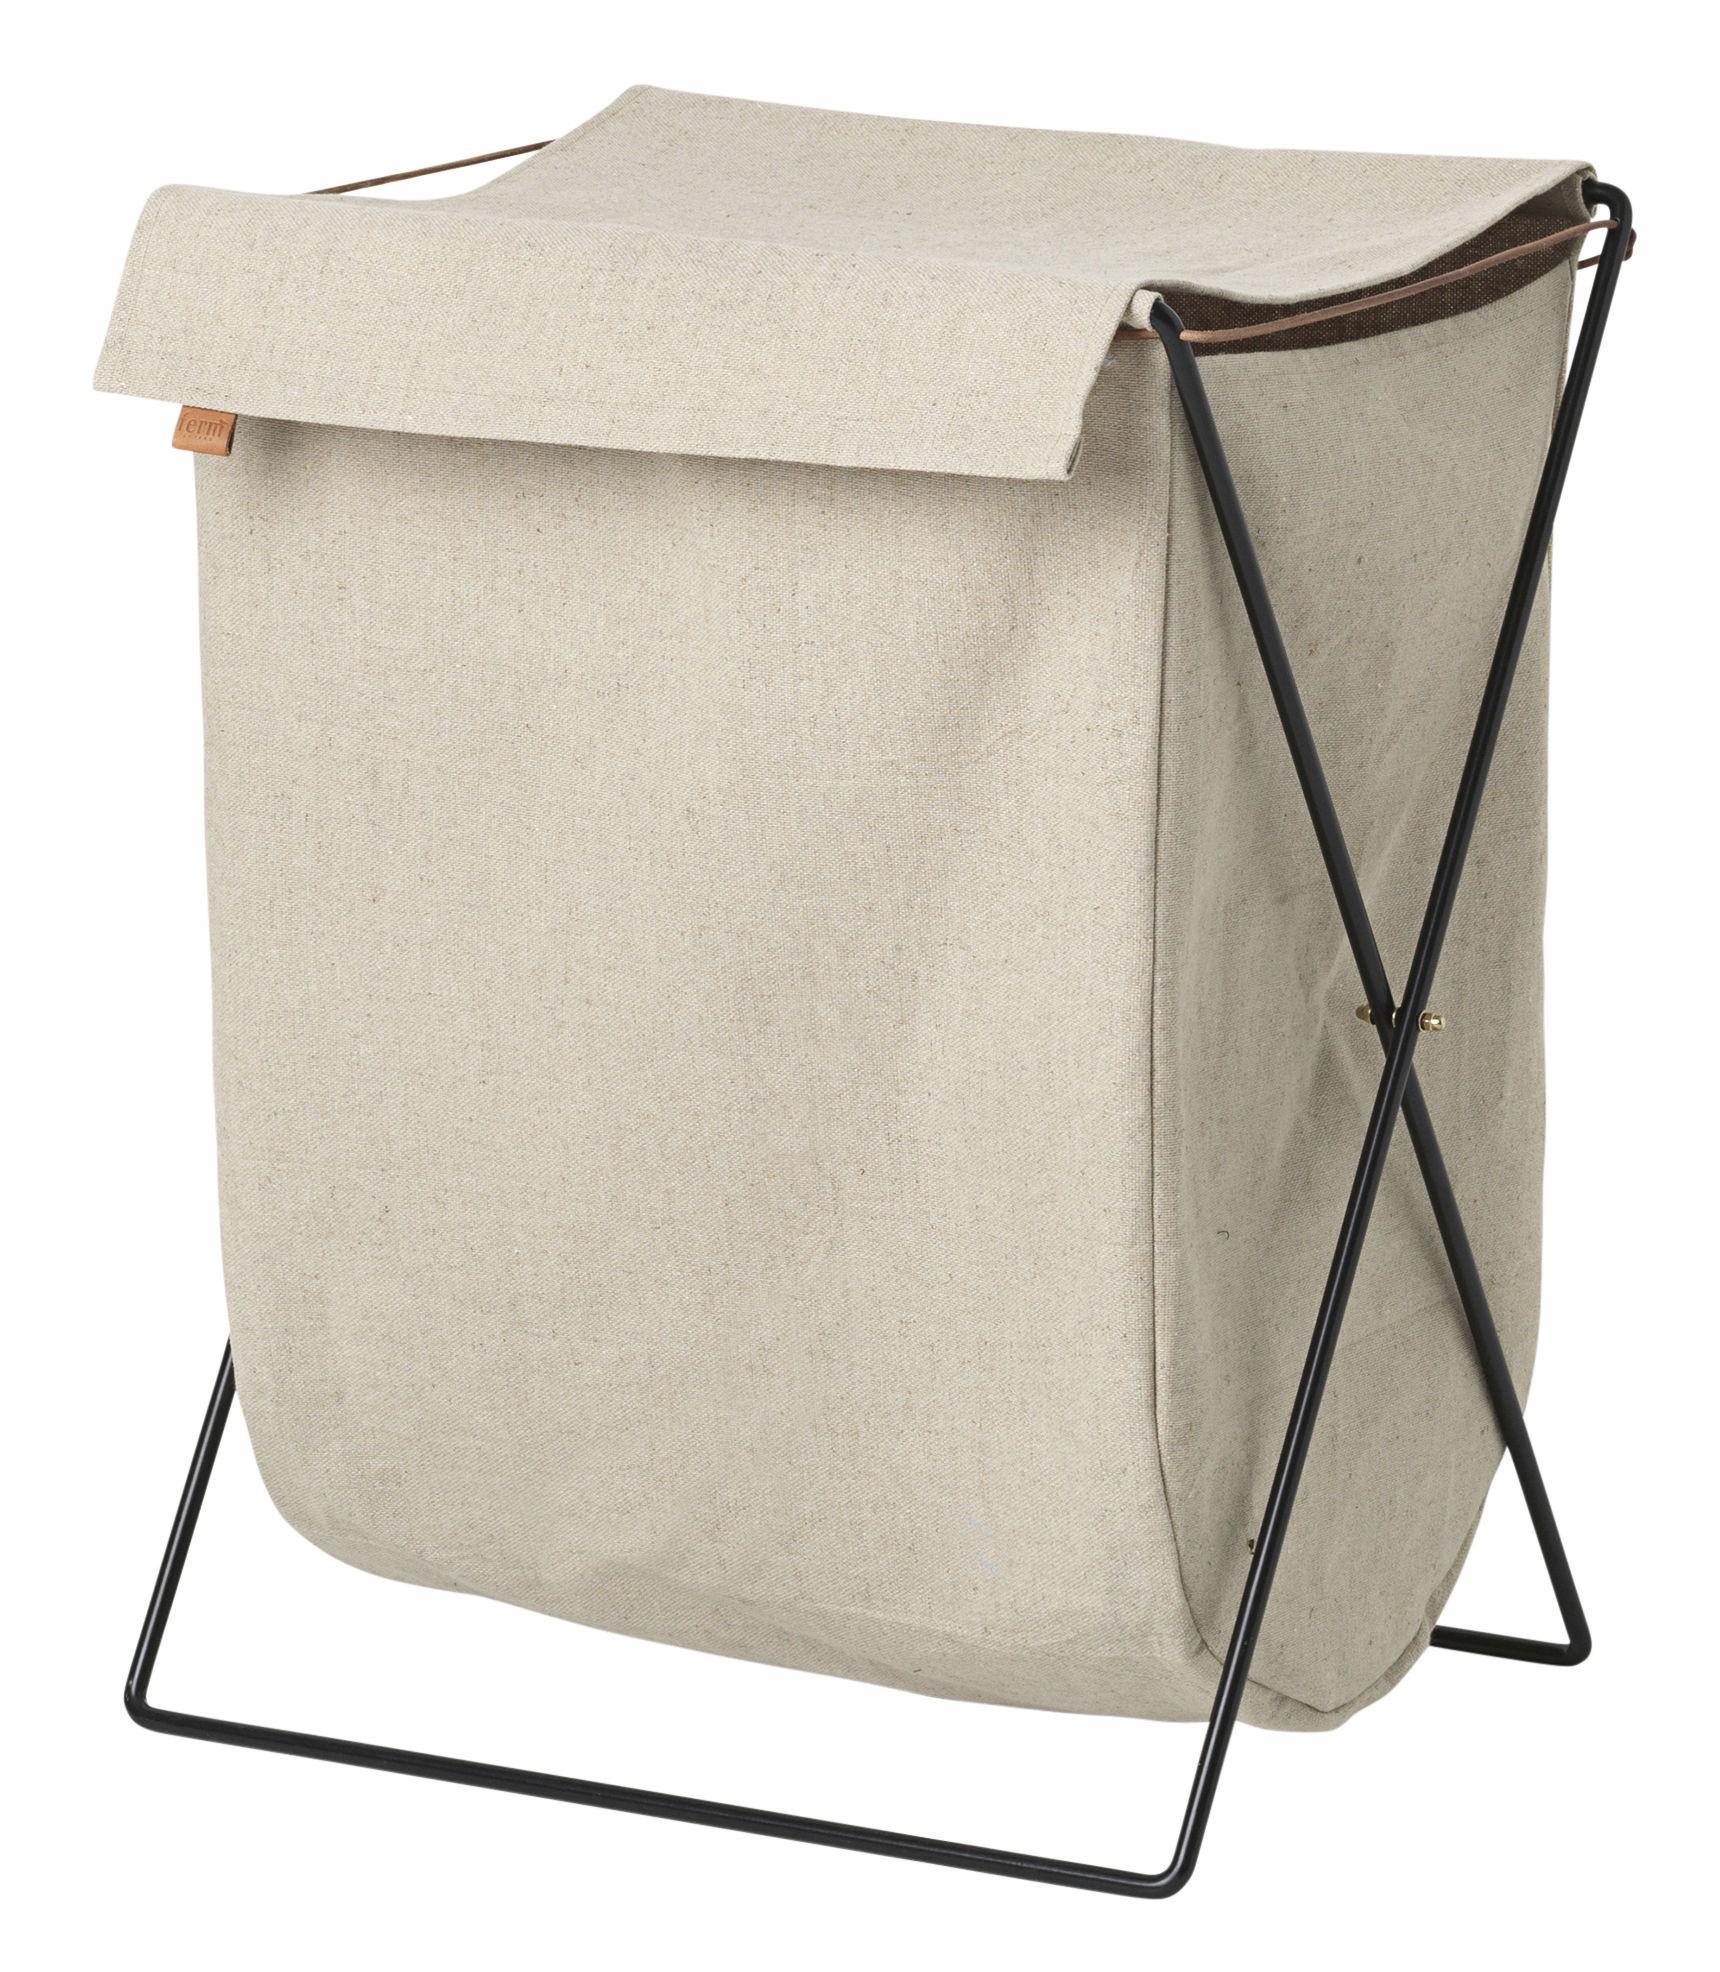 Accessoires - Accessoires salle de bains - Panier à linge Herman / Pliable - Métal & tissu - Ferm Living - Beige / Structure noire - Acier laqué époxy, Coton